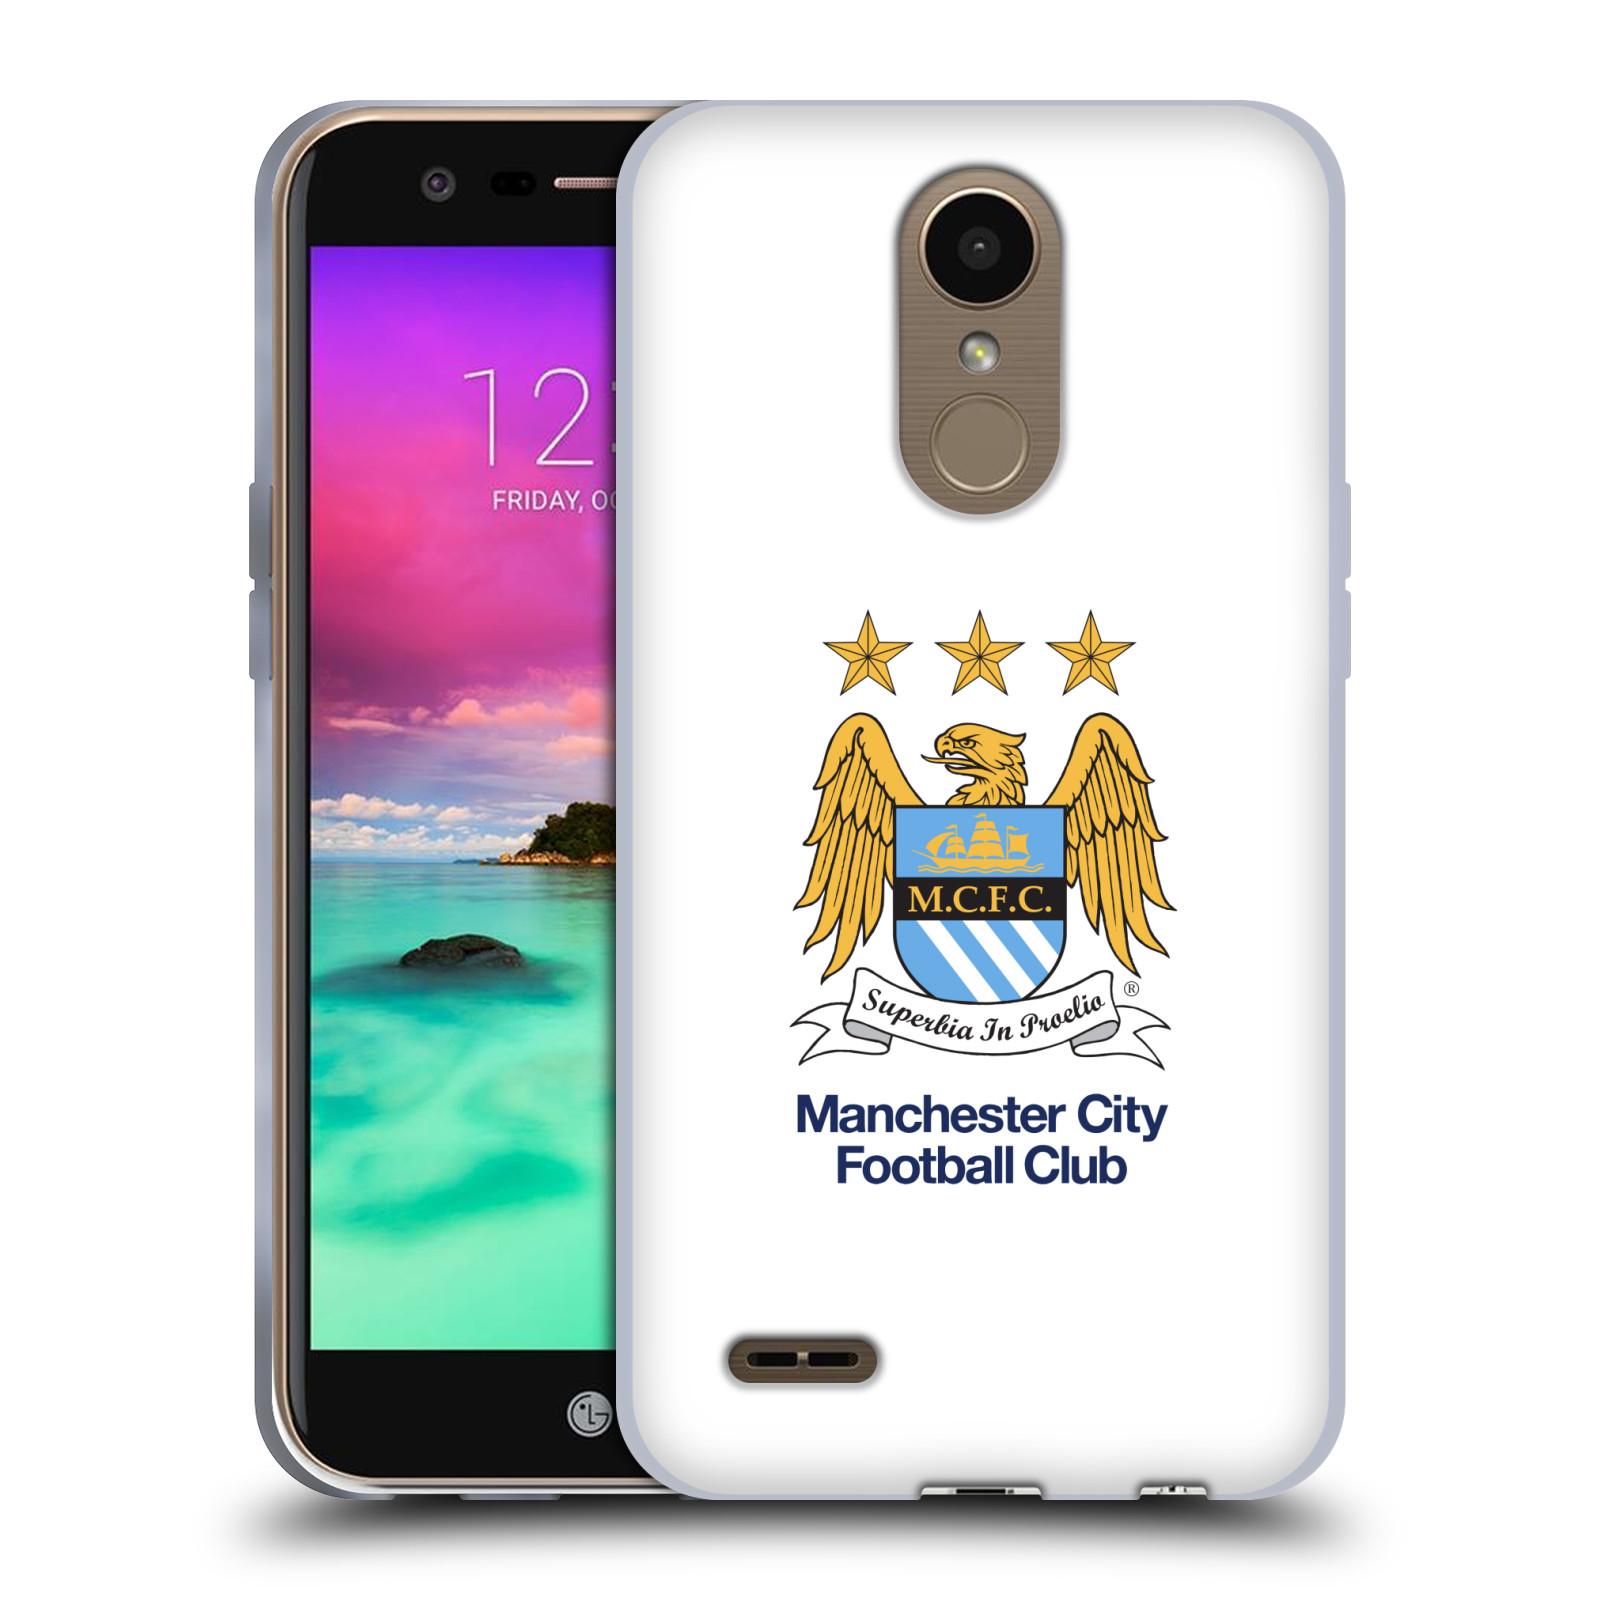 HEAD CASE silikonový obal na mobil LG K10 2017 / K10 2017 DUAL SIM Fotbalový klub Manchester City bílé pozadí velký znak pták